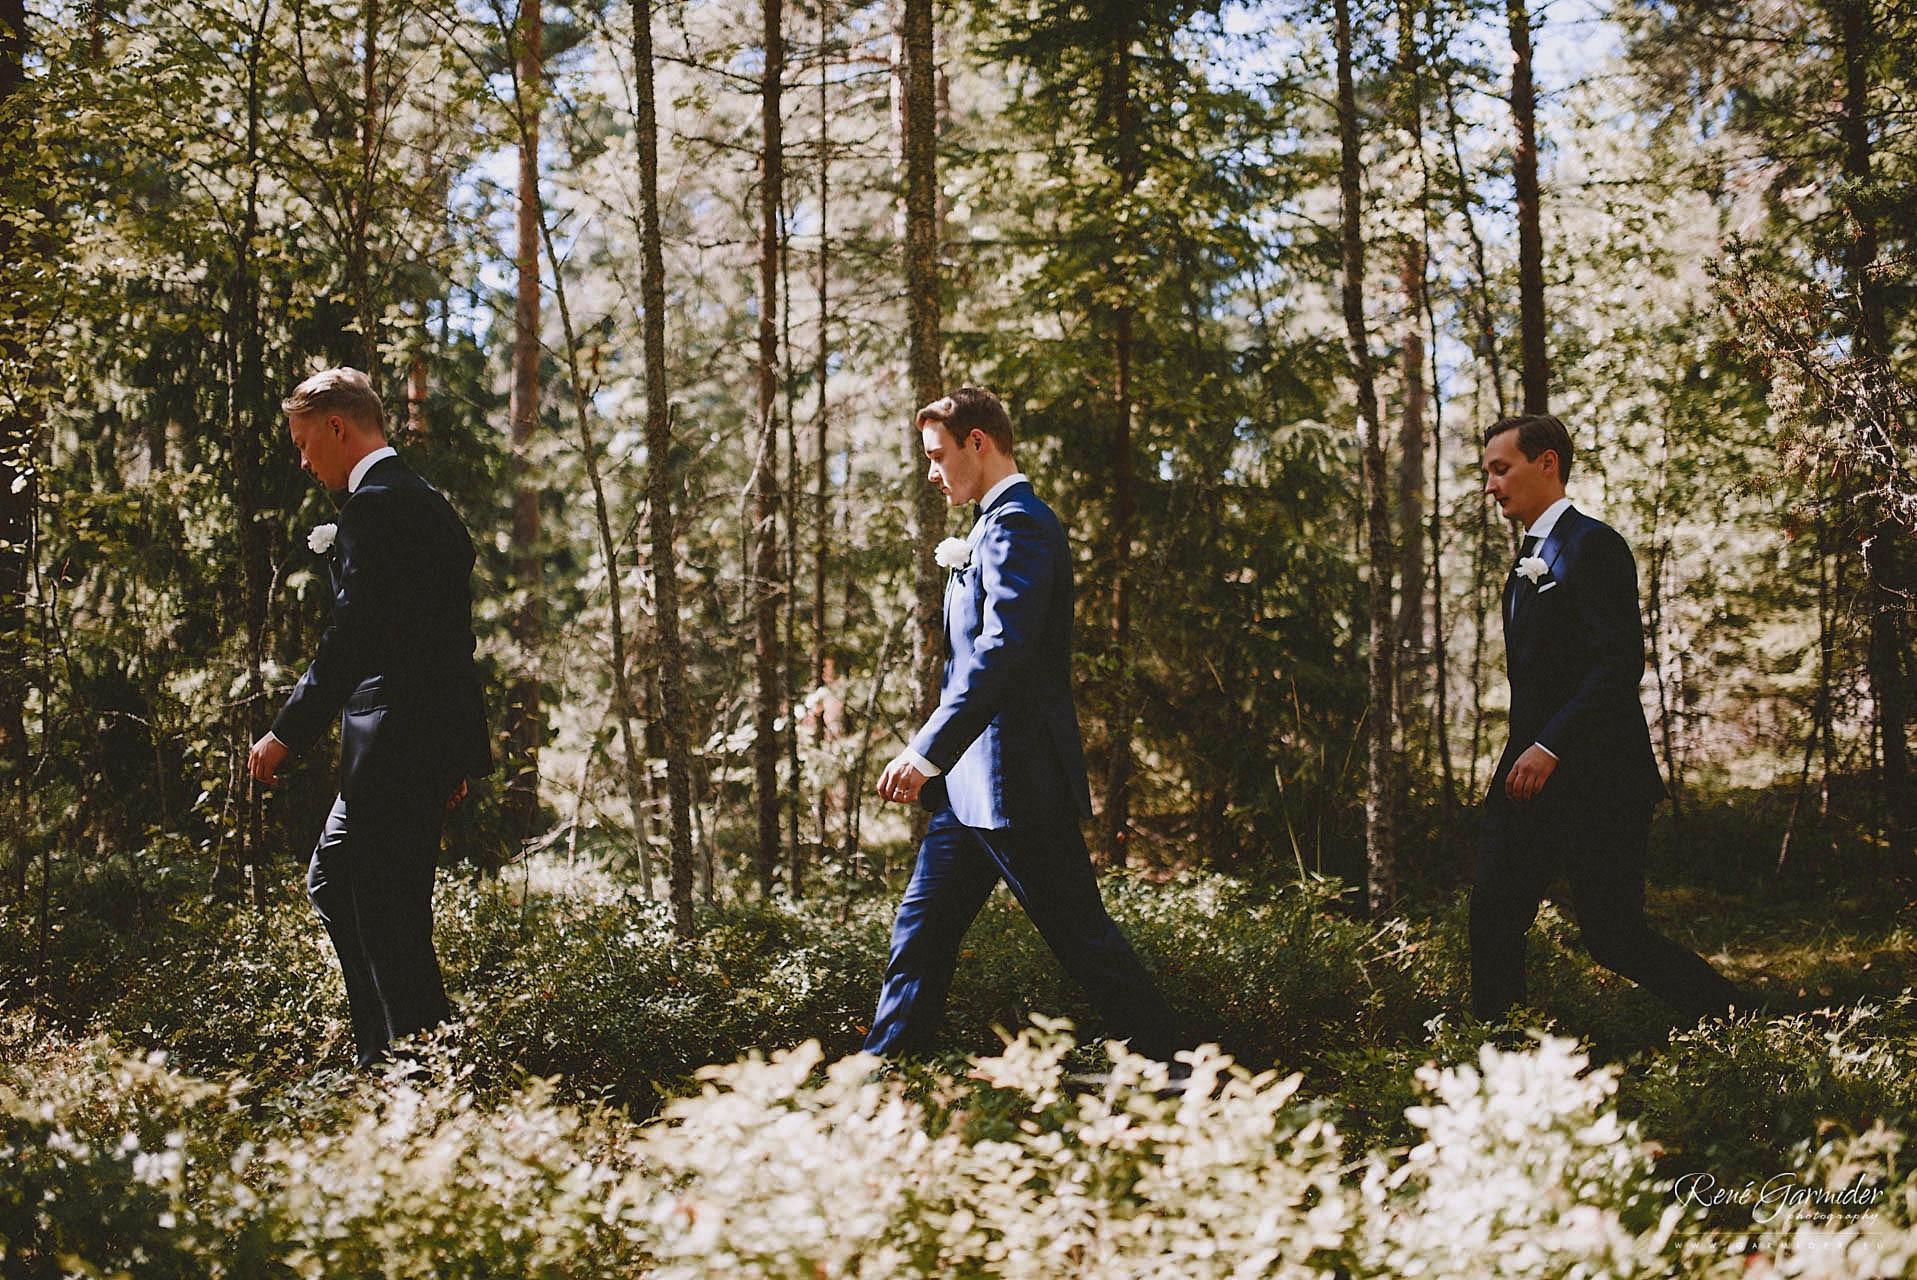 destination-wedding-photography-finland-miljookuvaus-haakuvaus-haakuvaaja-leena-juri-18